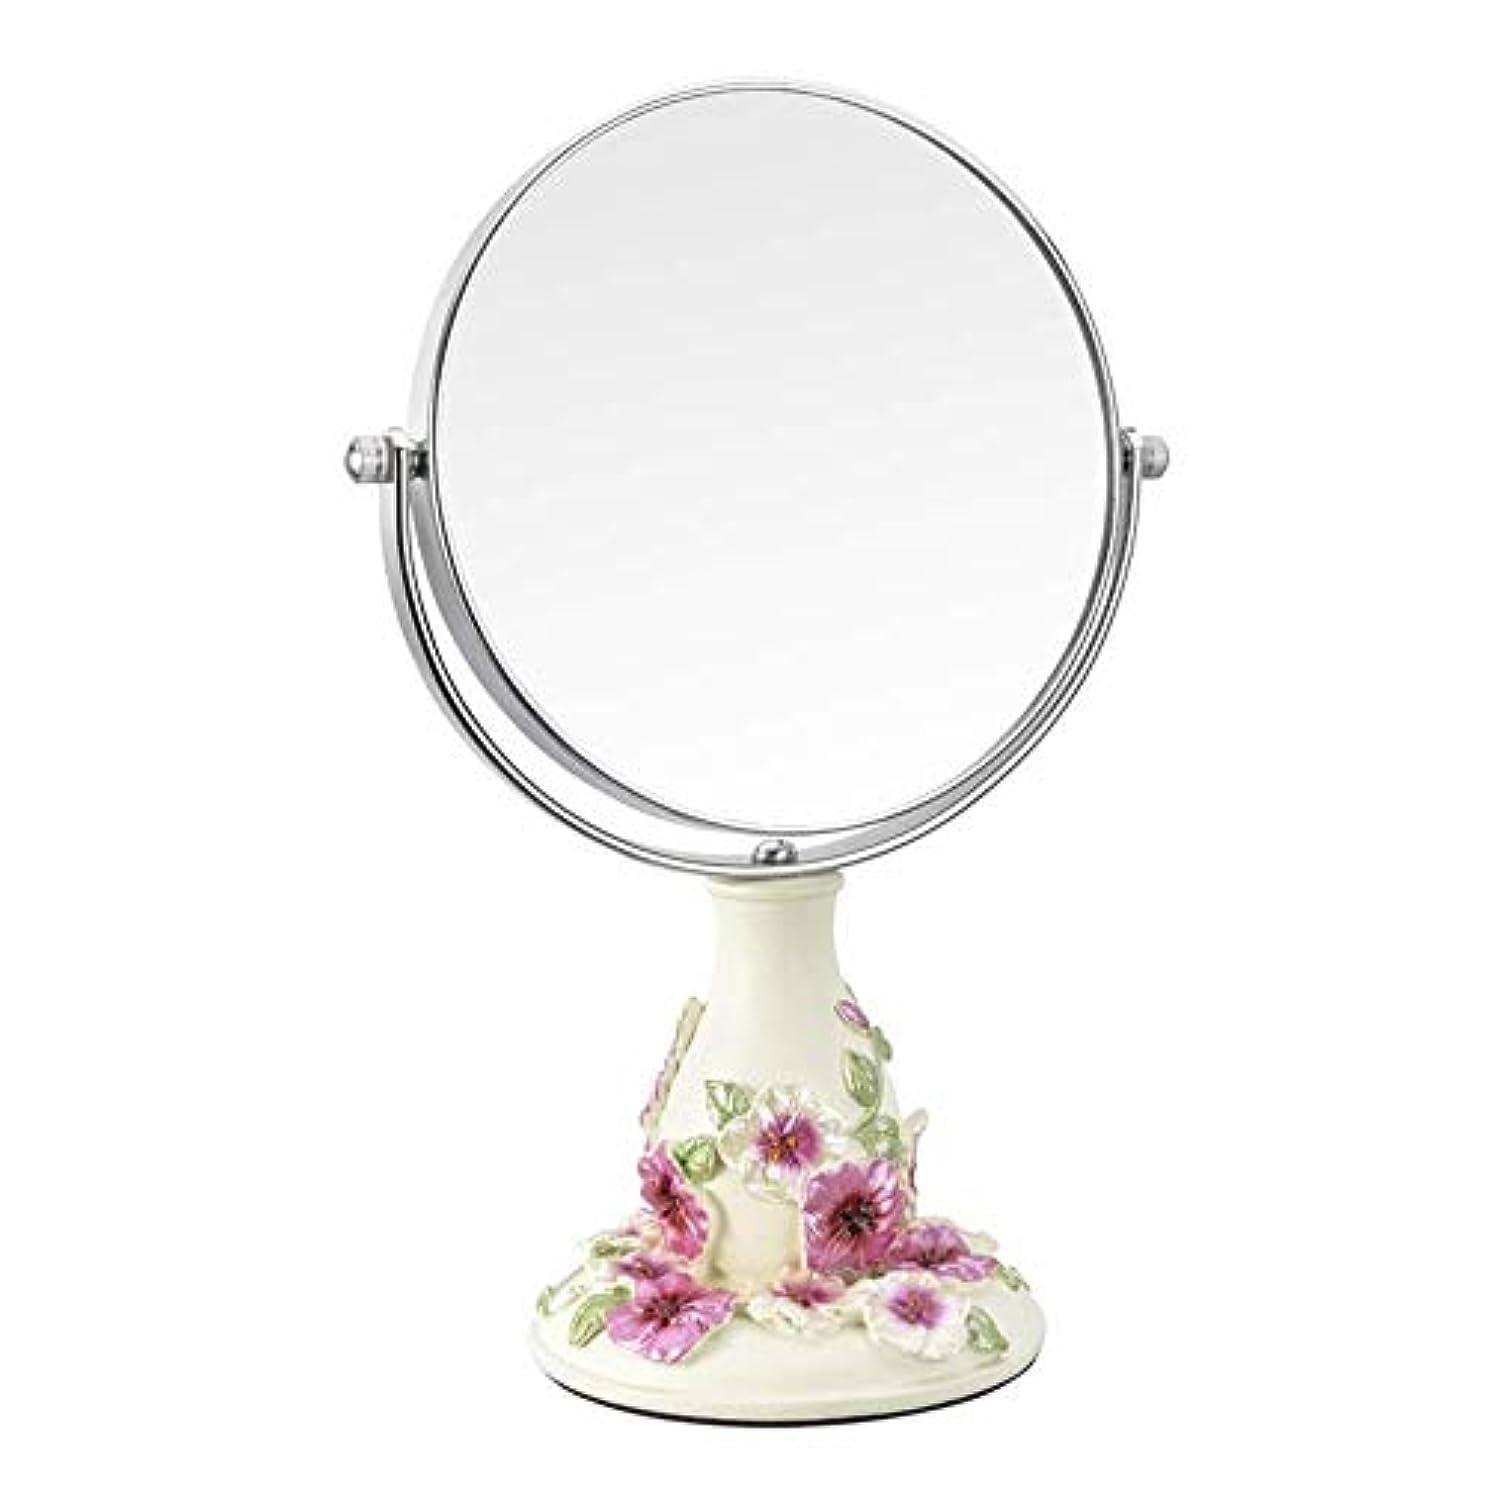 破産無法者お香流行の ビンテージ化粧鏡、鏡360°回転スタンド、1倍と3倍の倍率、ラウンドダブル両面回転化粧鏡